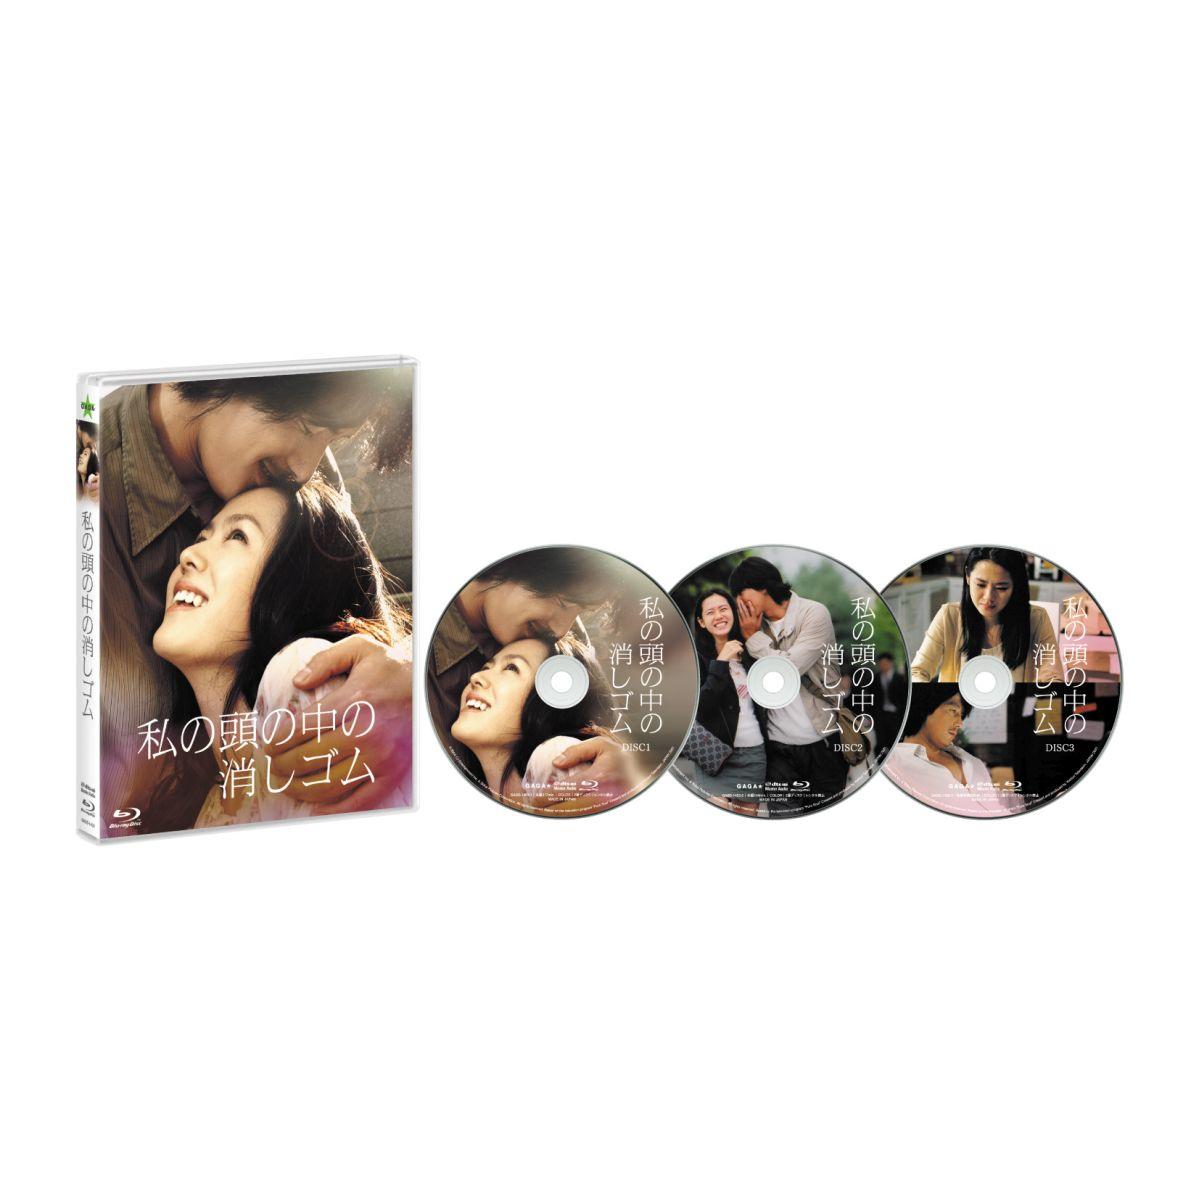 私の頭の中の消しゴム Blu-ray プレミアム・エディション(3枚組)【Blu-ray】…...:book:18235057